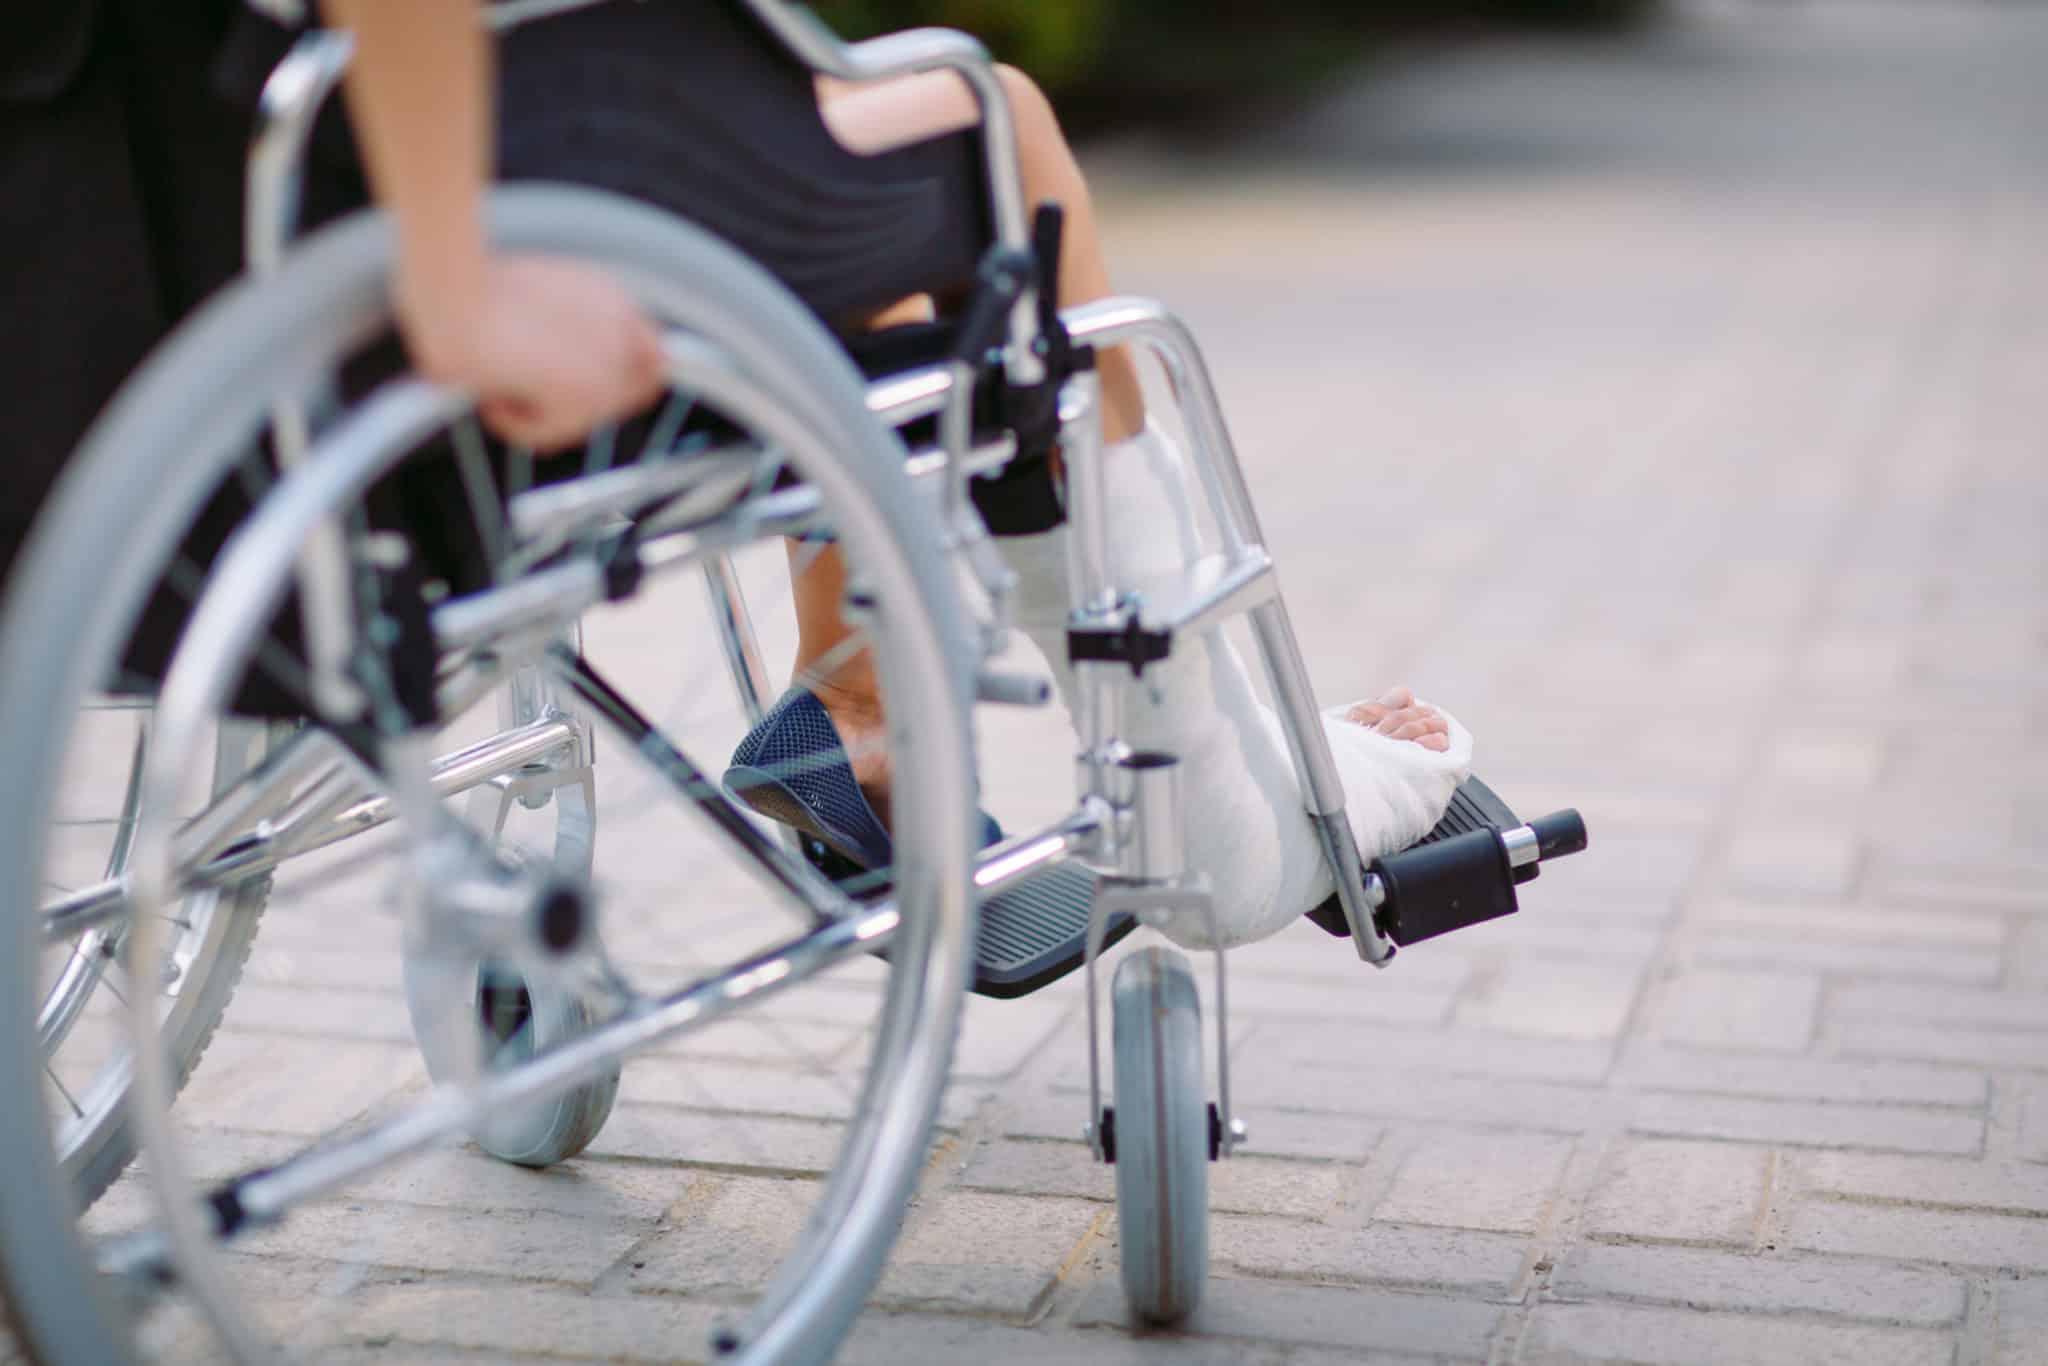 Comment palier à l'handicap d'un enfant